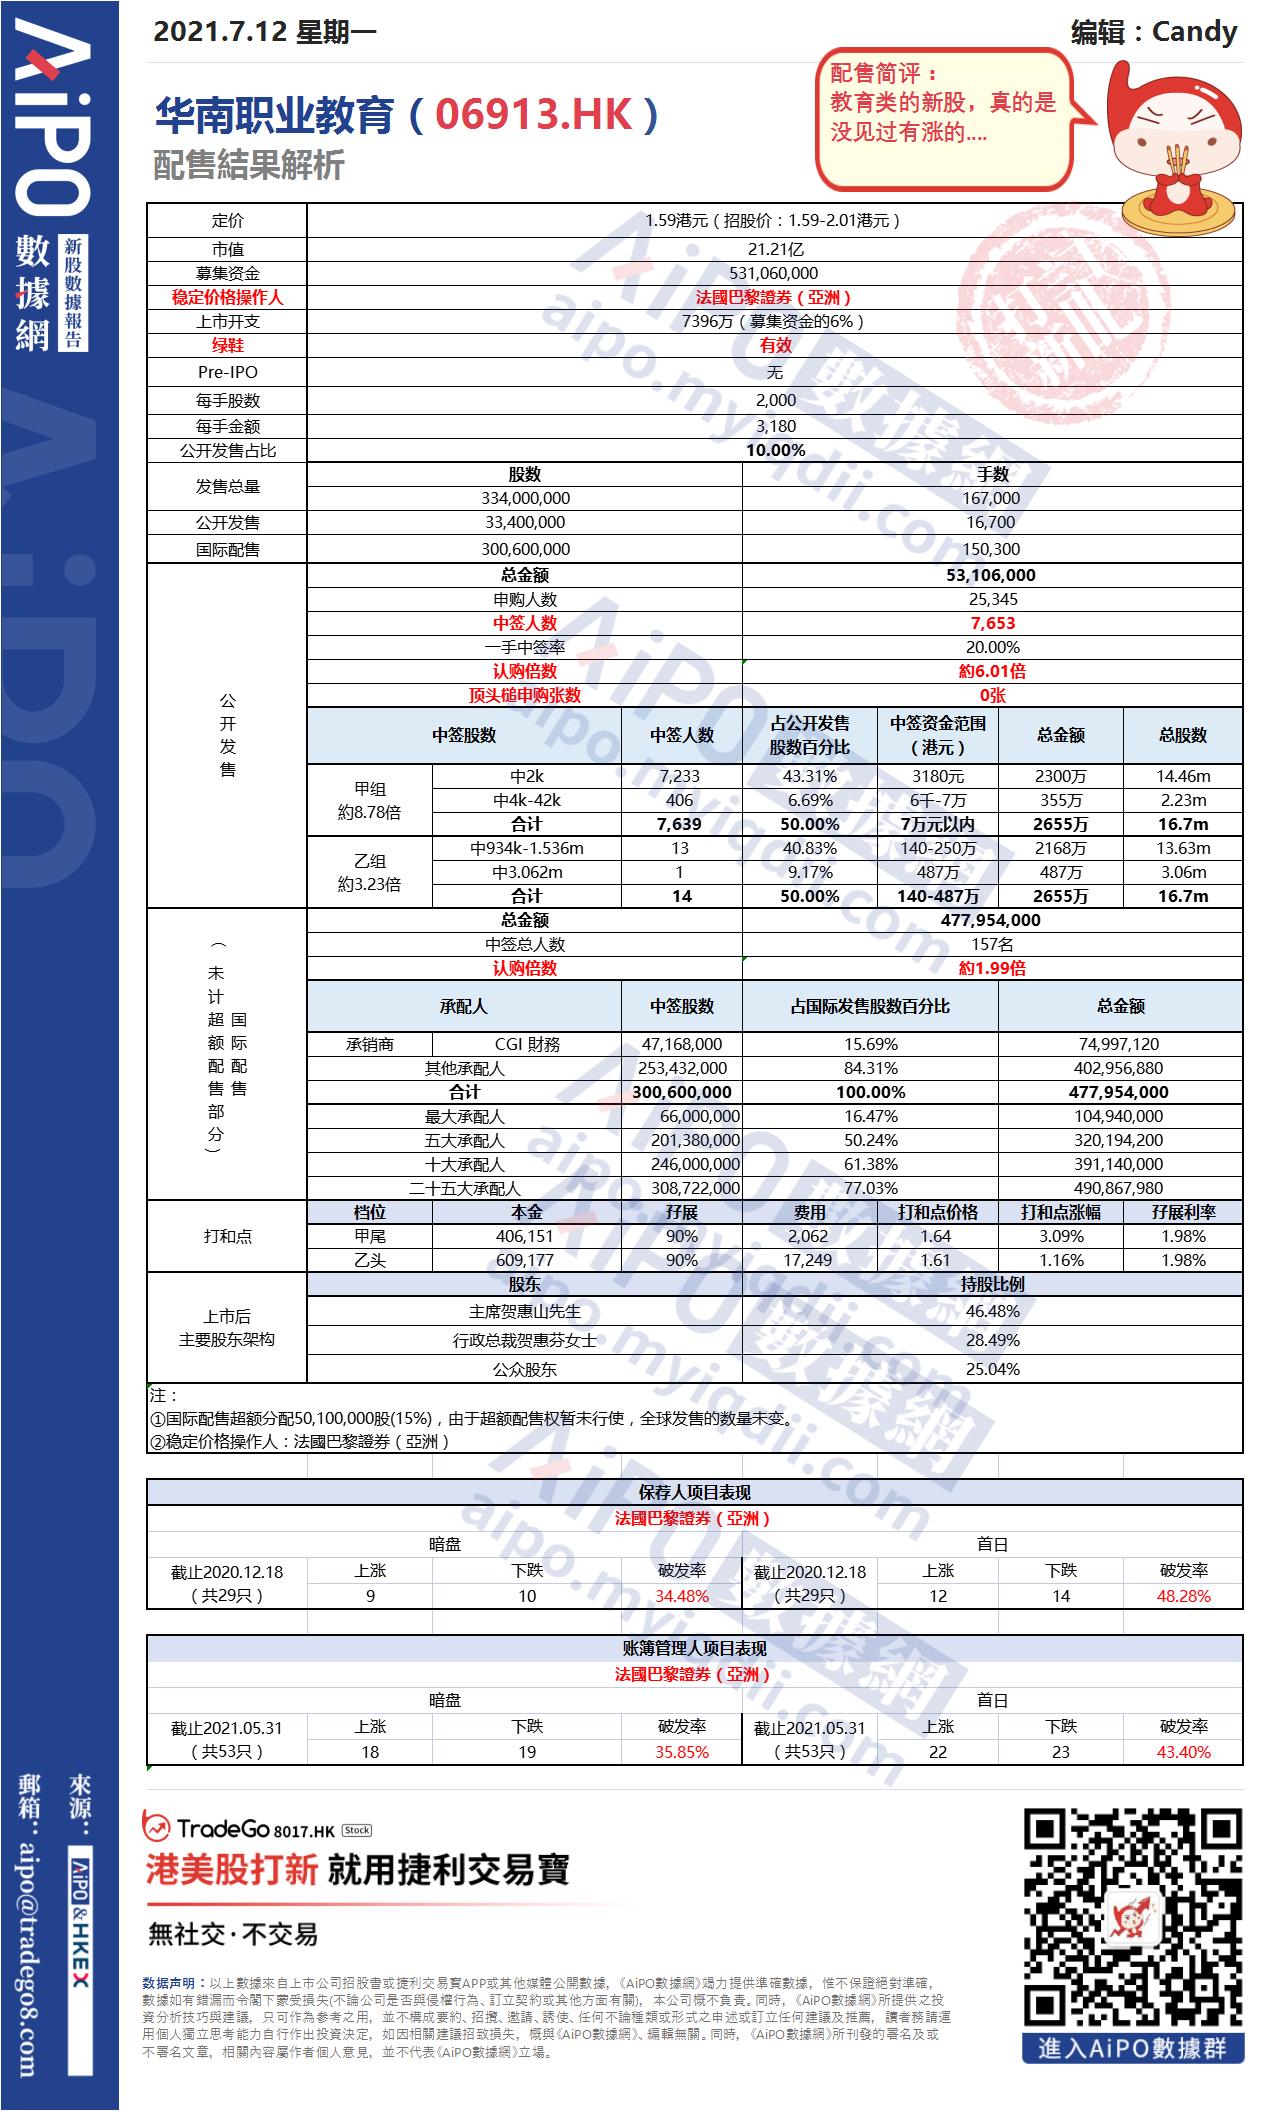 【新股AiPO】配售結果解析:華南職業教育(06913.HK).png